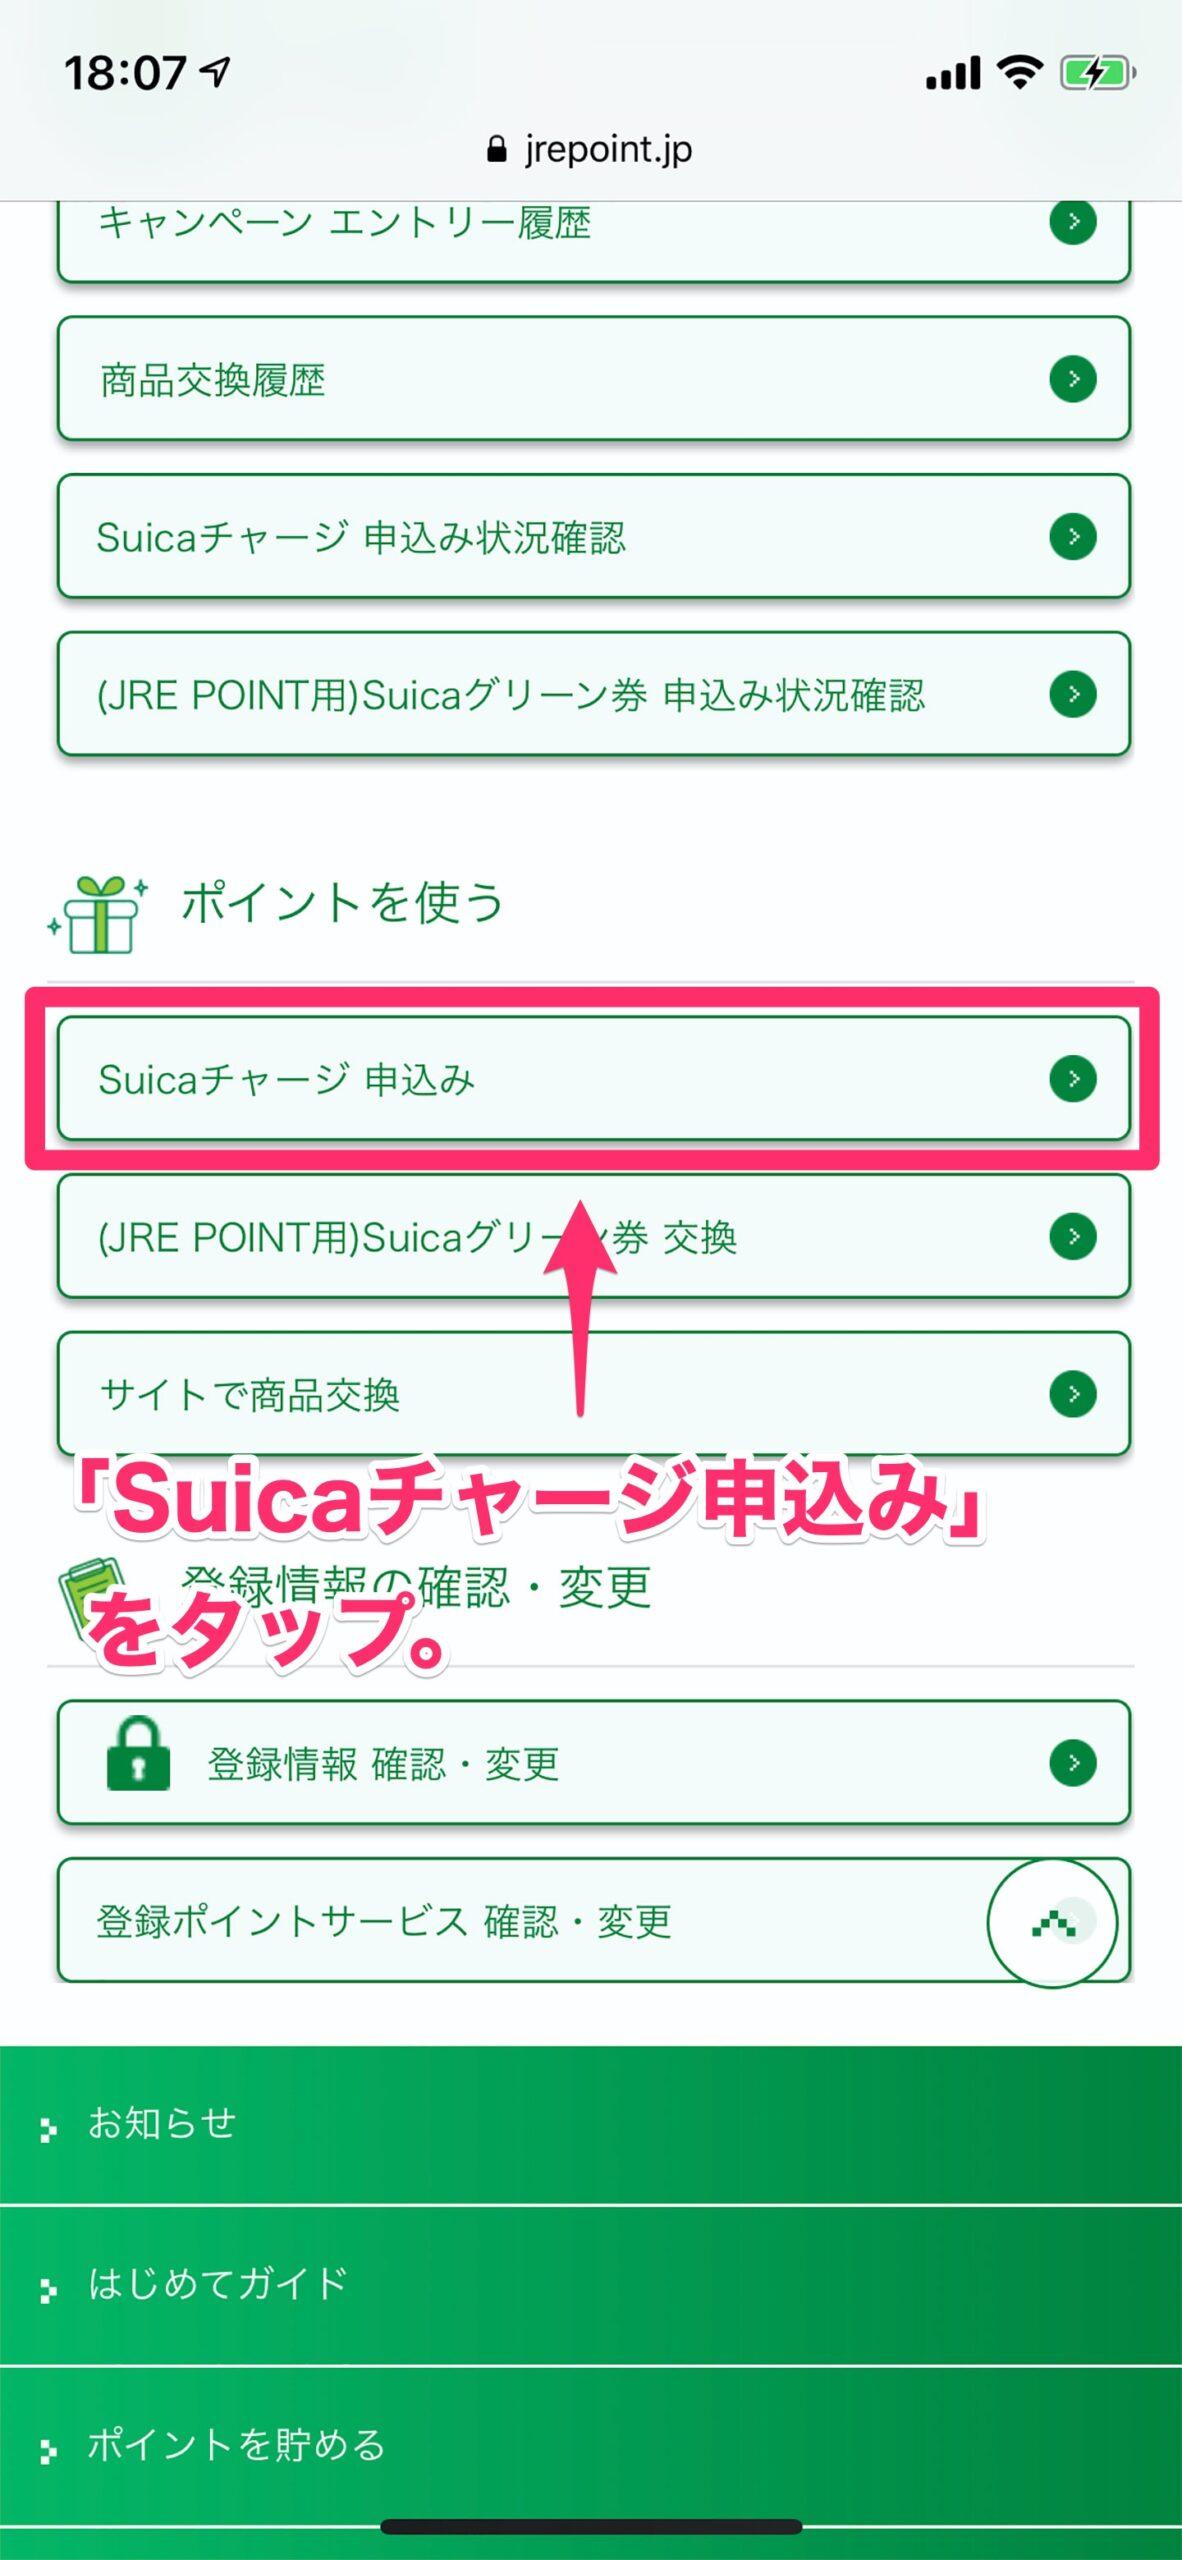 suica_ポイントからチャージ_申し込み_03